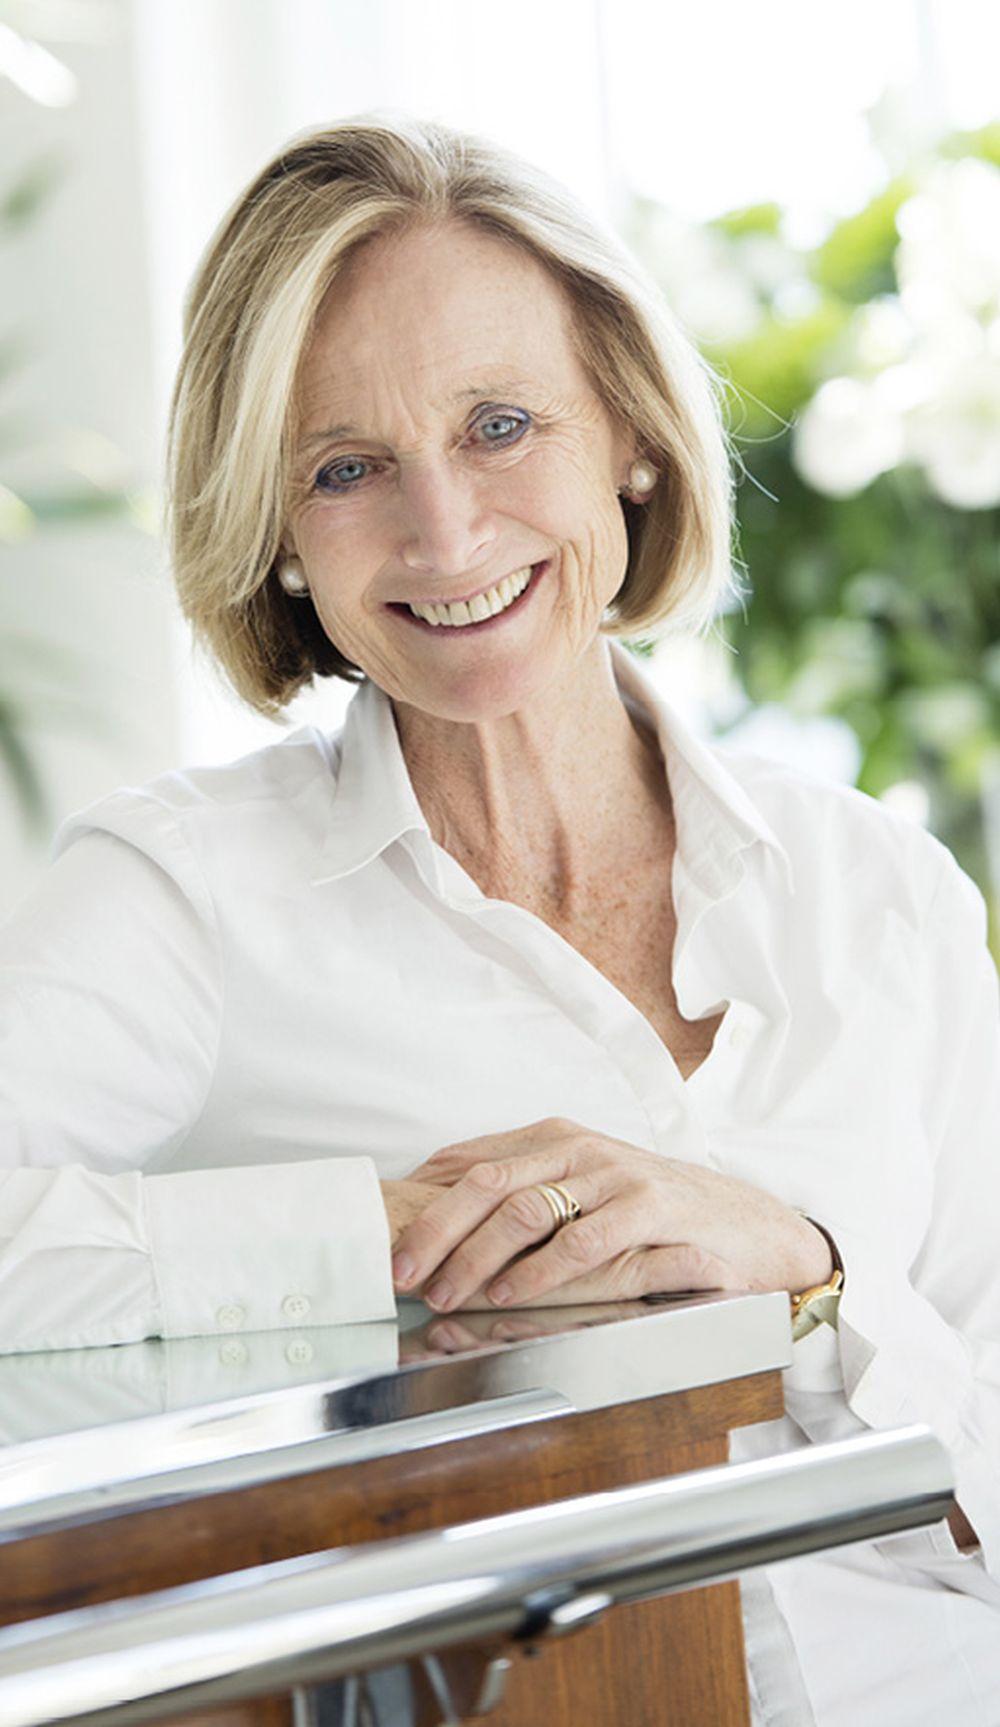 JANE SHEMILT 'Moja prva knjiga inspirirana je velikim gubitkom'